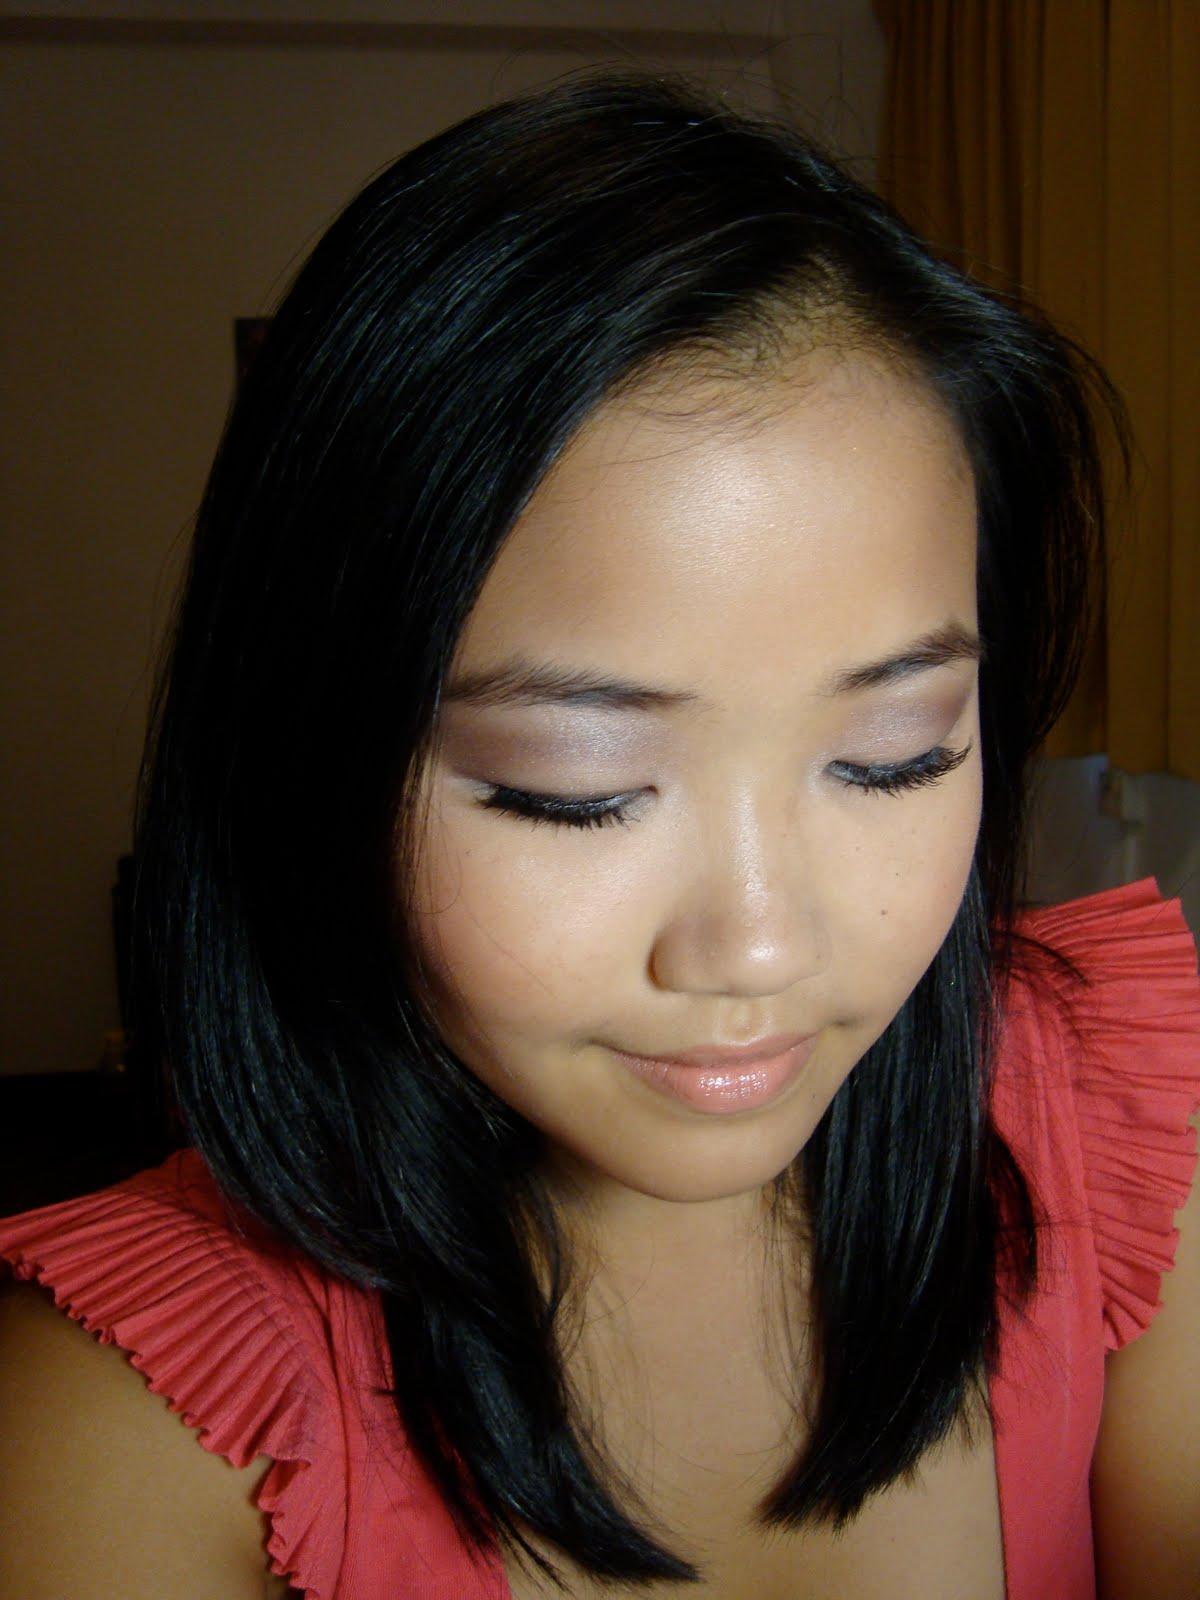 http://1.bp.blogspot.com/_xdpjADHIXBo/S6oHyFcApJI/AAAAAAAAAJw/4ZqDg0hg6T8/s1600/DSC07804.JPG